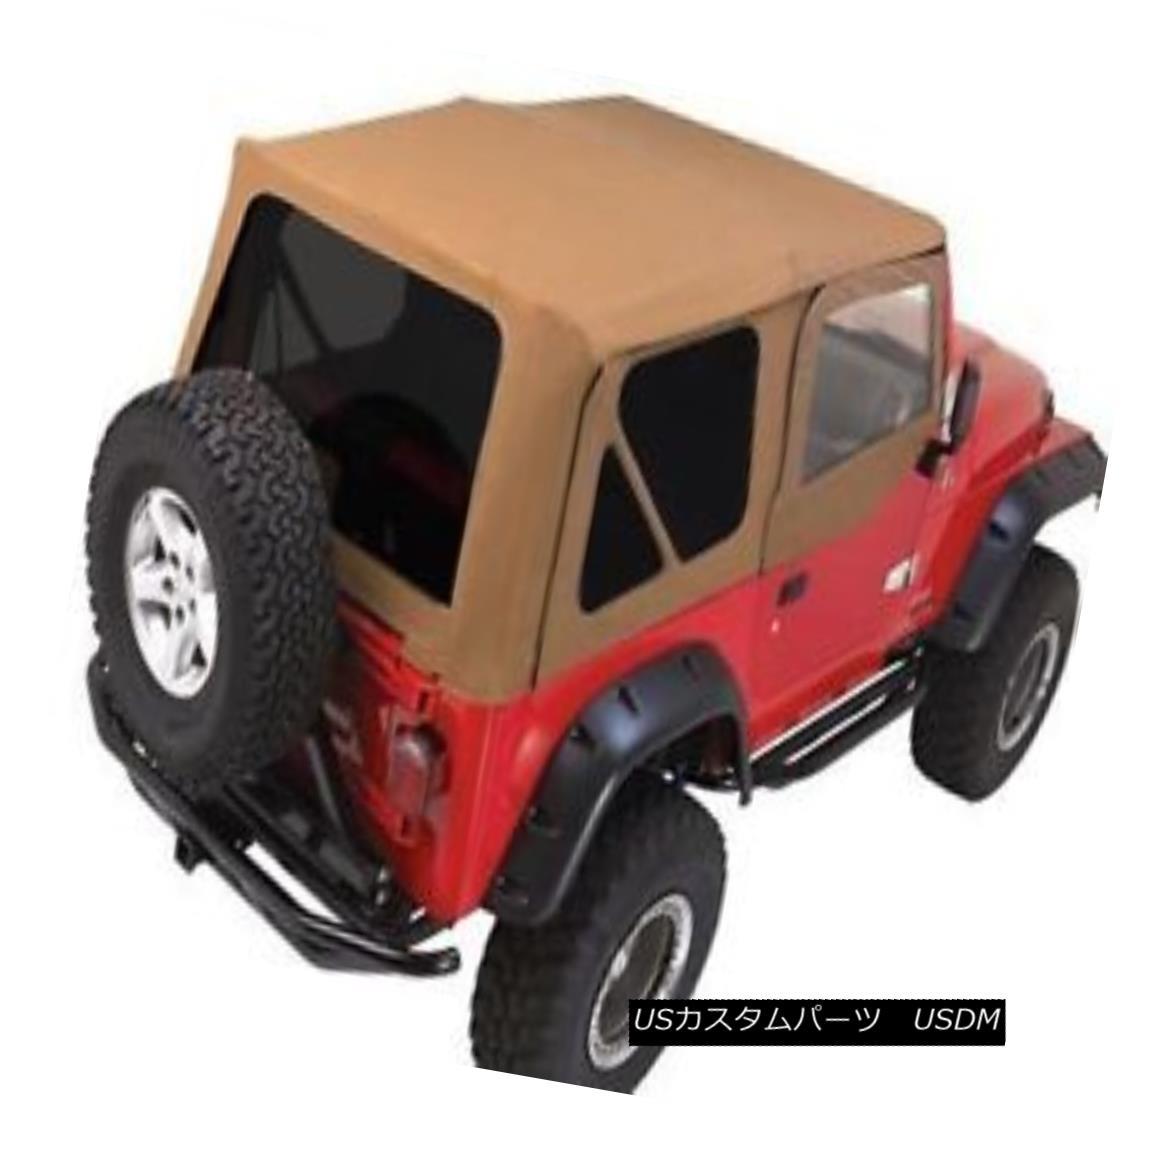 幌・ソフトトップ Rampage Complete Soft Top w/ Frame & Tint 97-06 Jeep Wrangler TJ 68517 Spice ランペイジコンプリートソフトトップ(フレーム& ティント97-06ジープラングラーTJ 68517スパイス